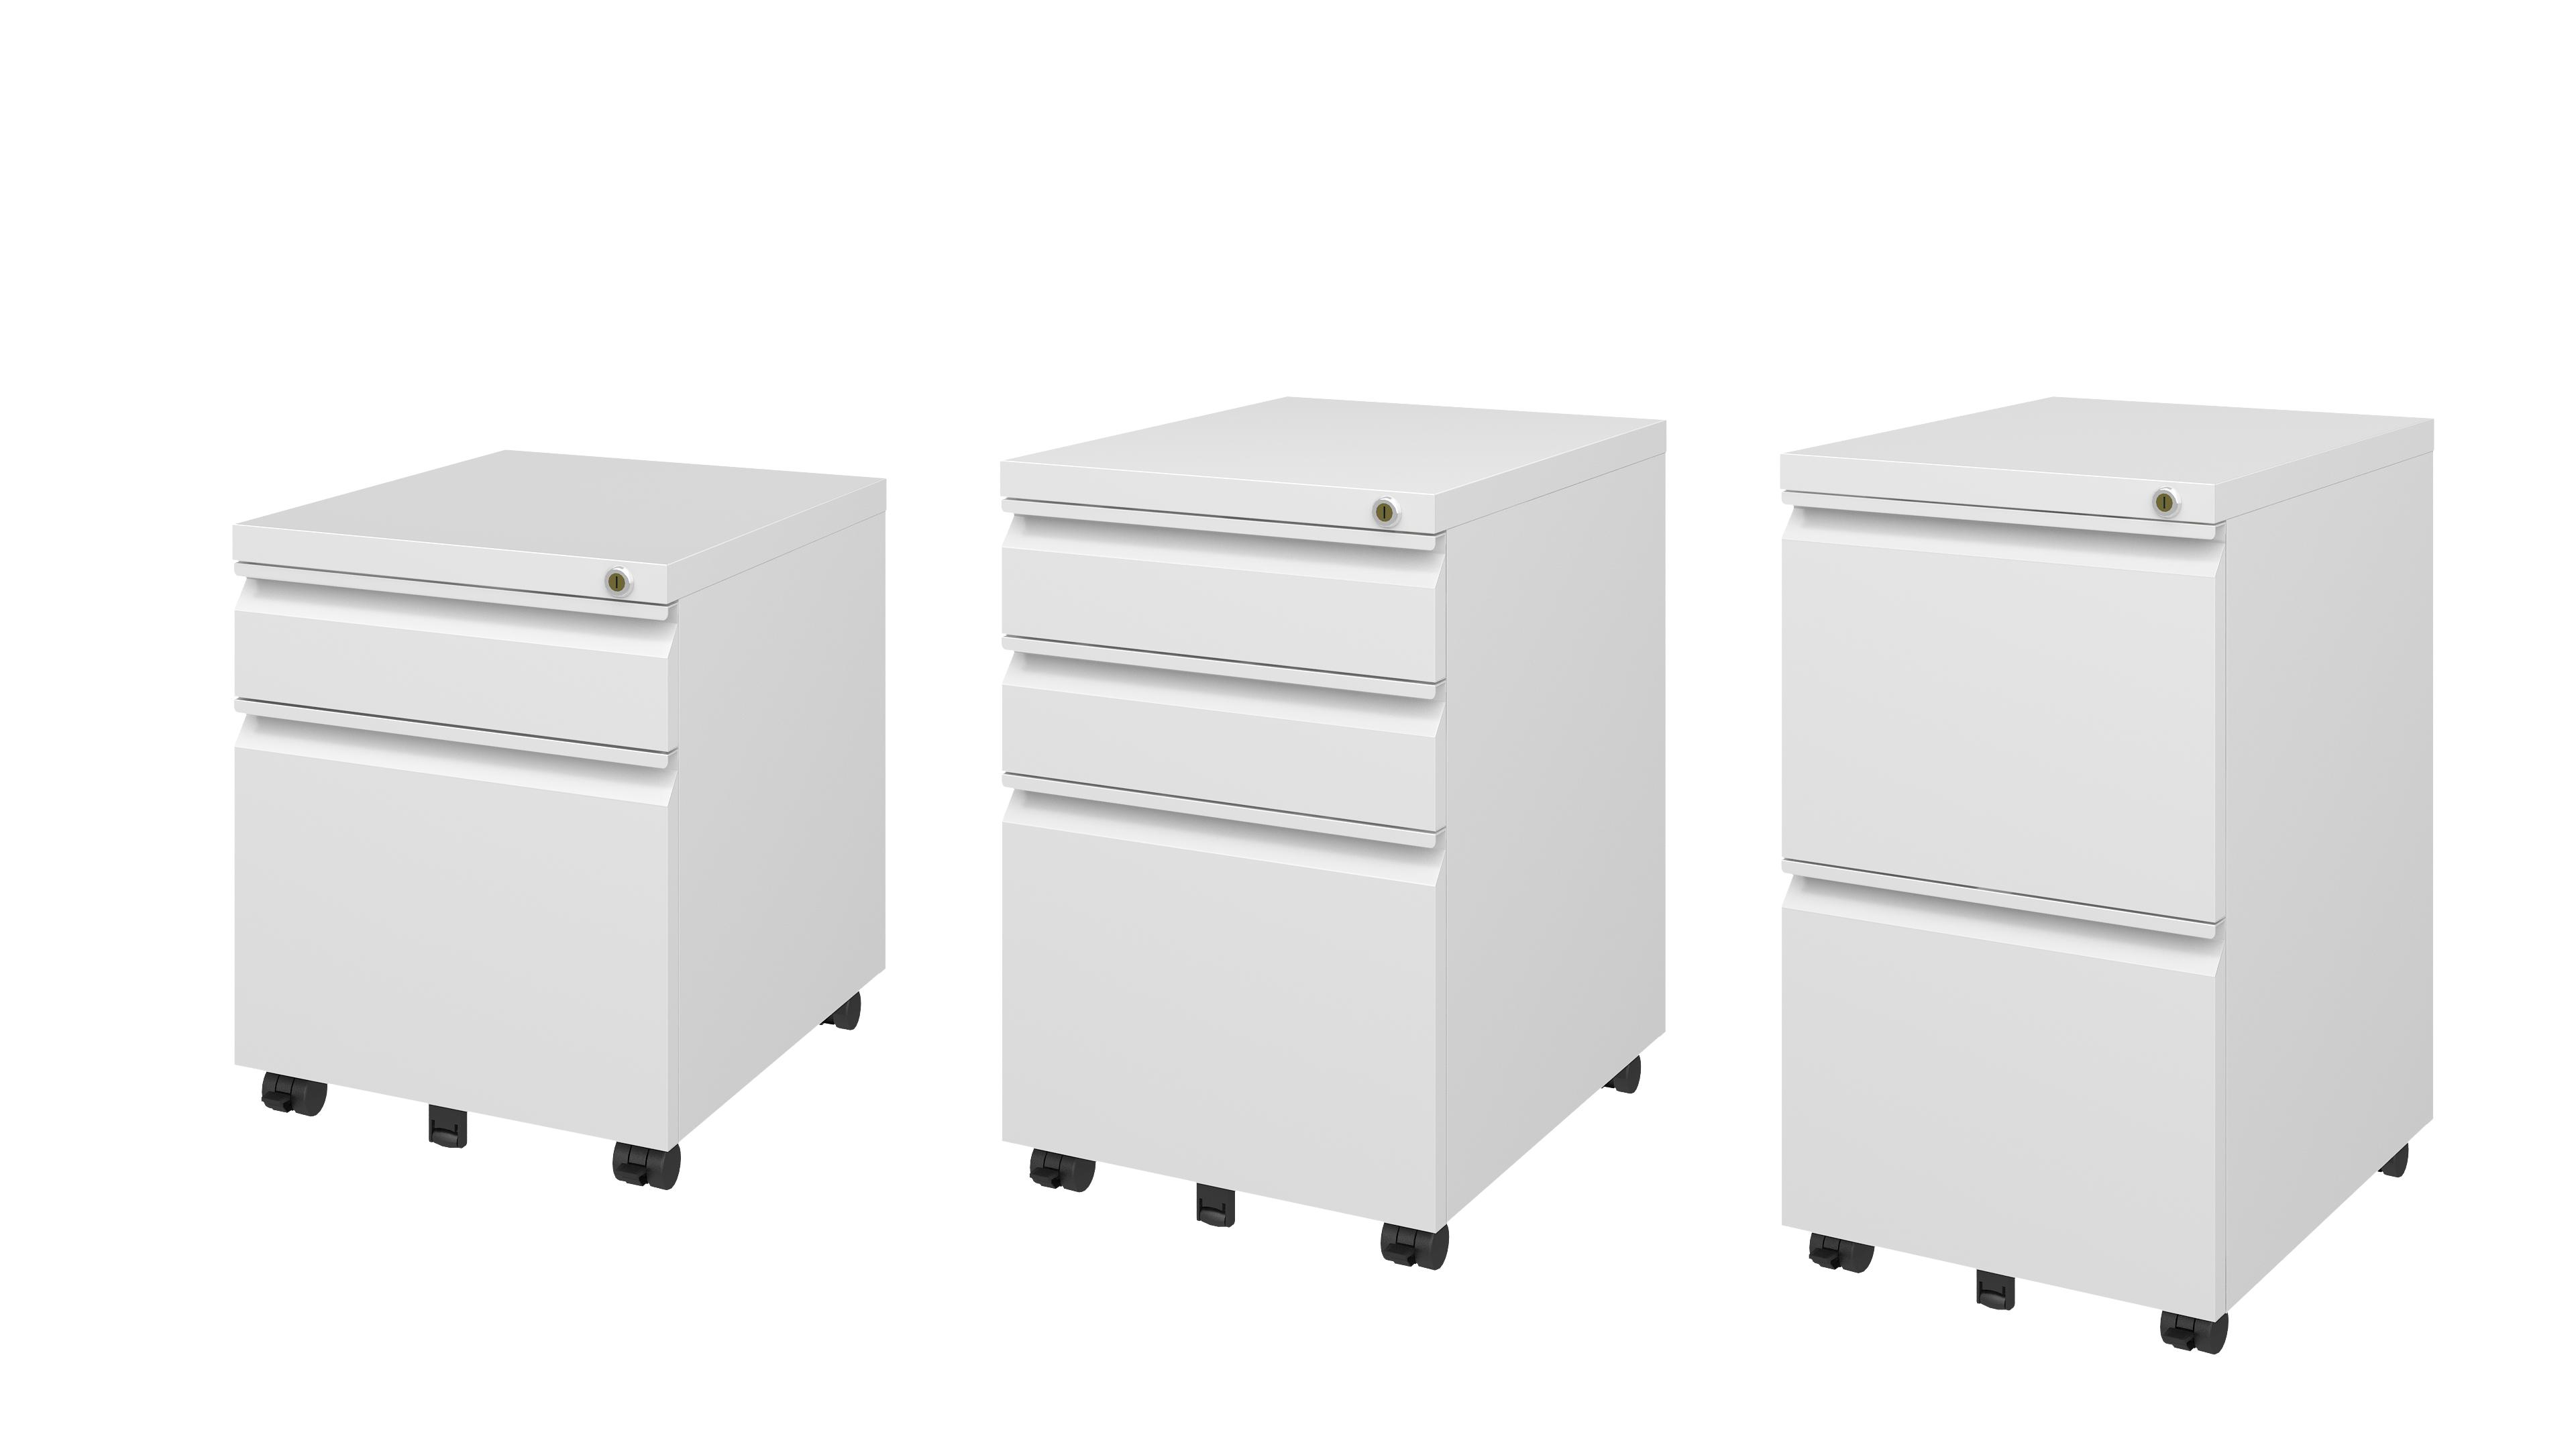 Pengcheng under desk cabinet with Gooseneck handle - PCP-390D